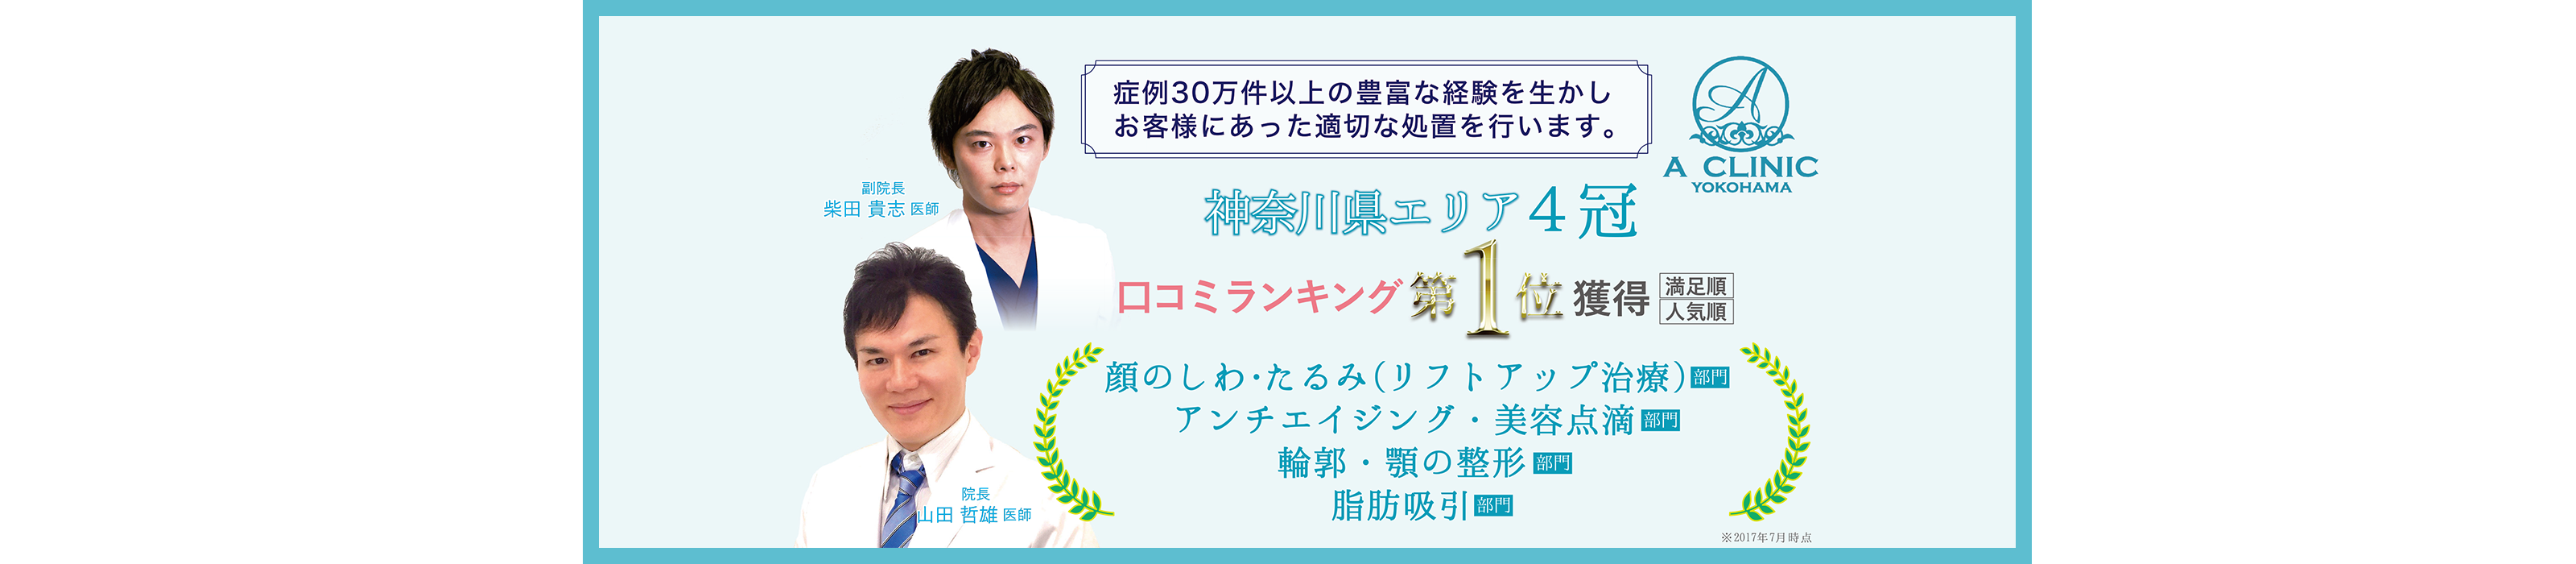 口コミ広場神奈川県4冠達成